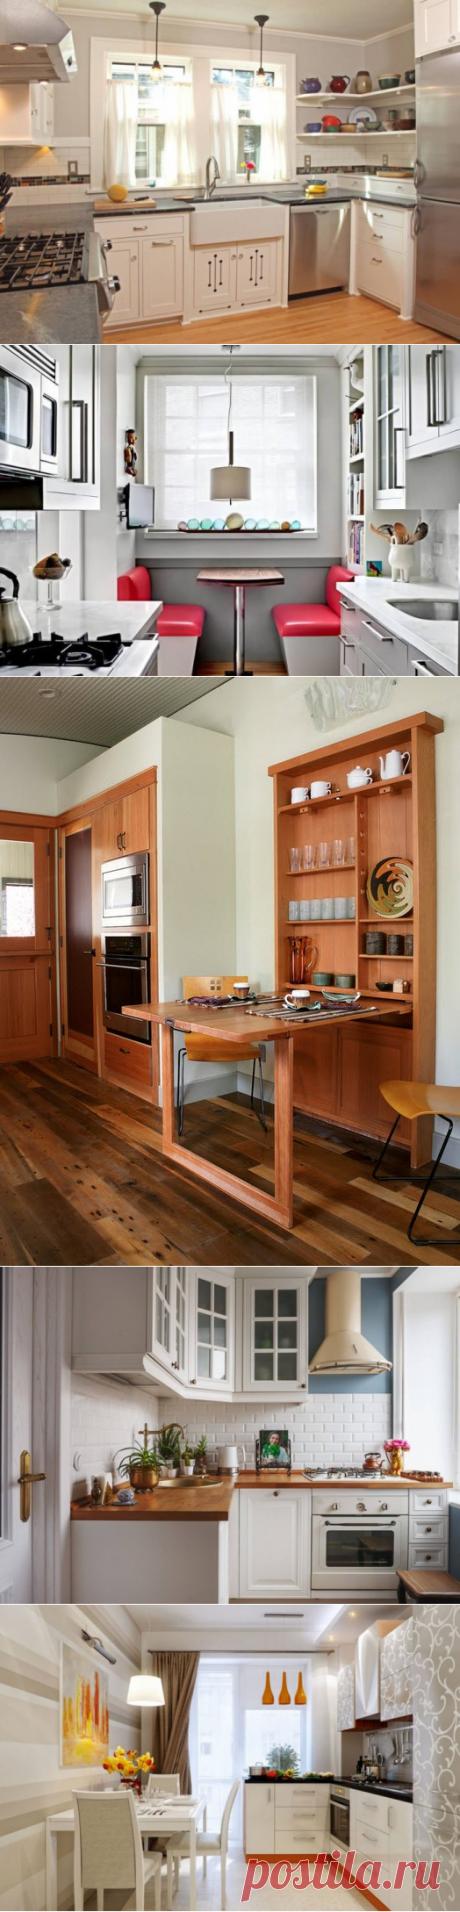 Дизайн интерьера маленькой кухни, или Как нескольким квадратных метрам засиять по-новому — Pro ремонт